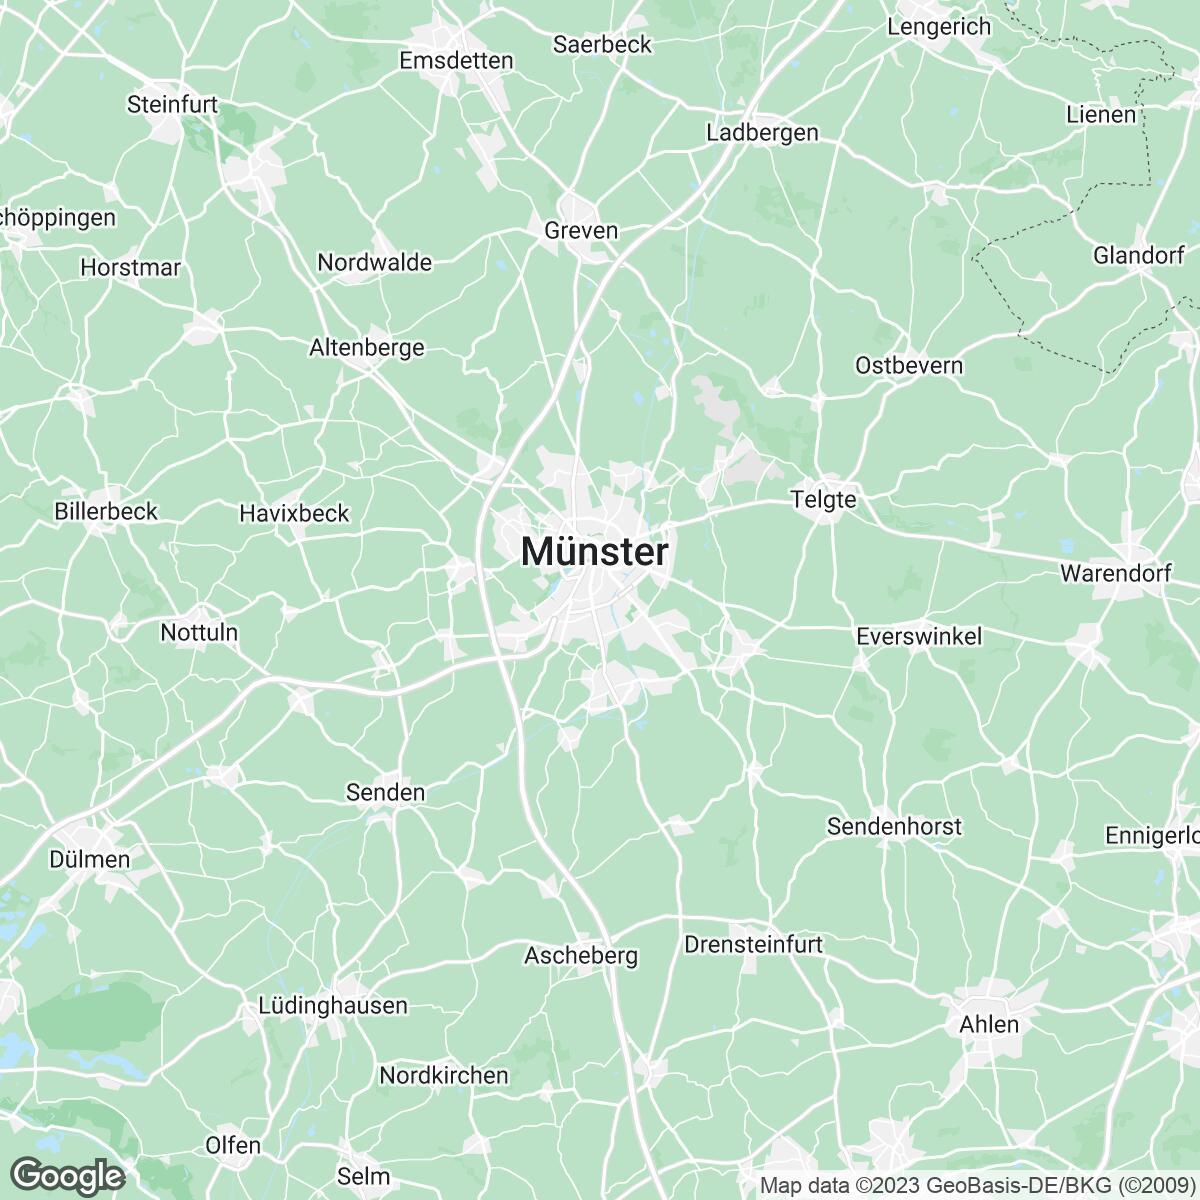 Verkaufsgebiet der Zeitungen Zeitungsgruppe Münster